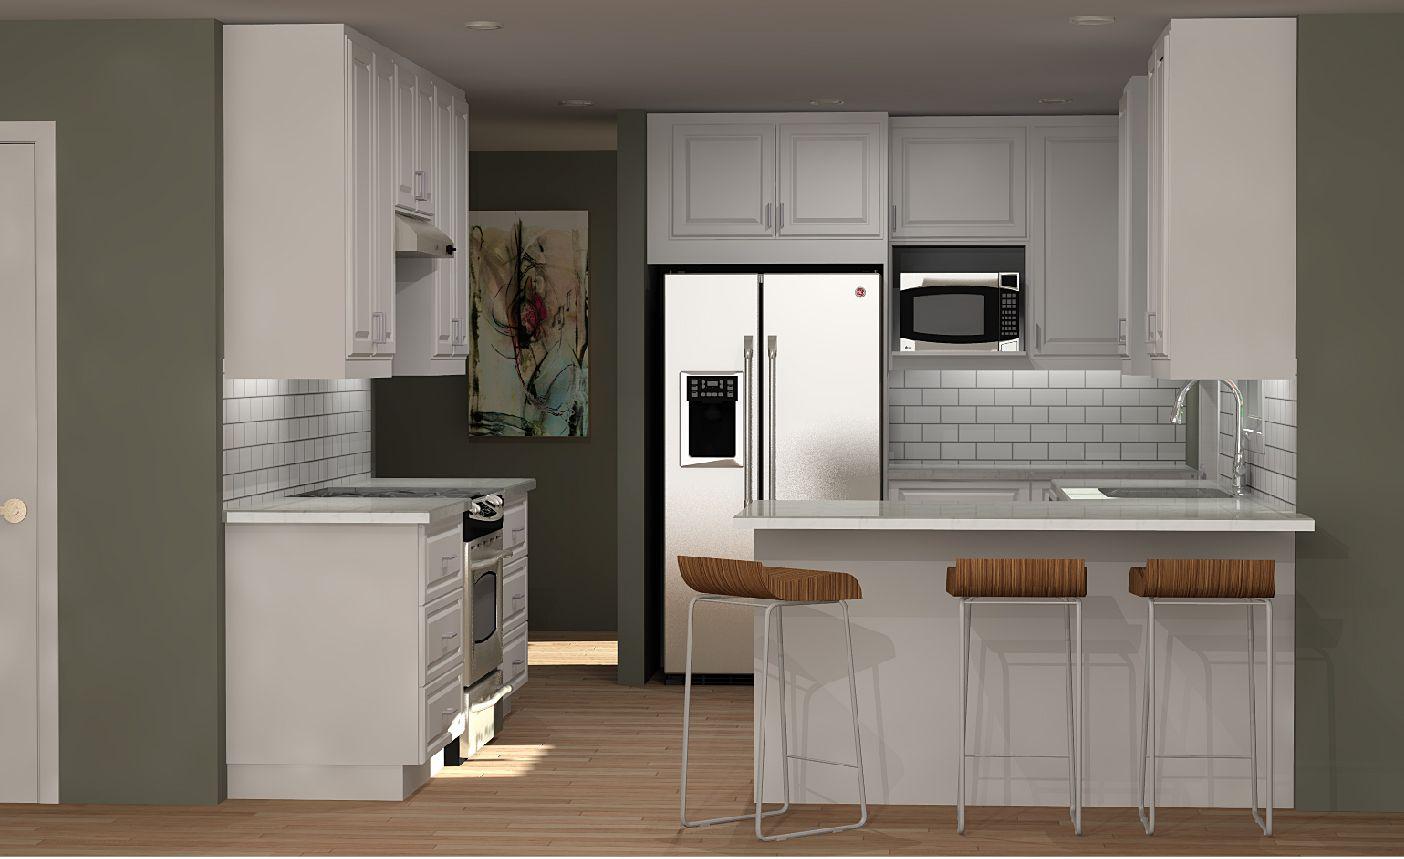 Ikea Kitchen Cabinet Design Kitchen Cabinet Design Ikea Kitchen Cabinets Outdoor Kitchen Cabinets